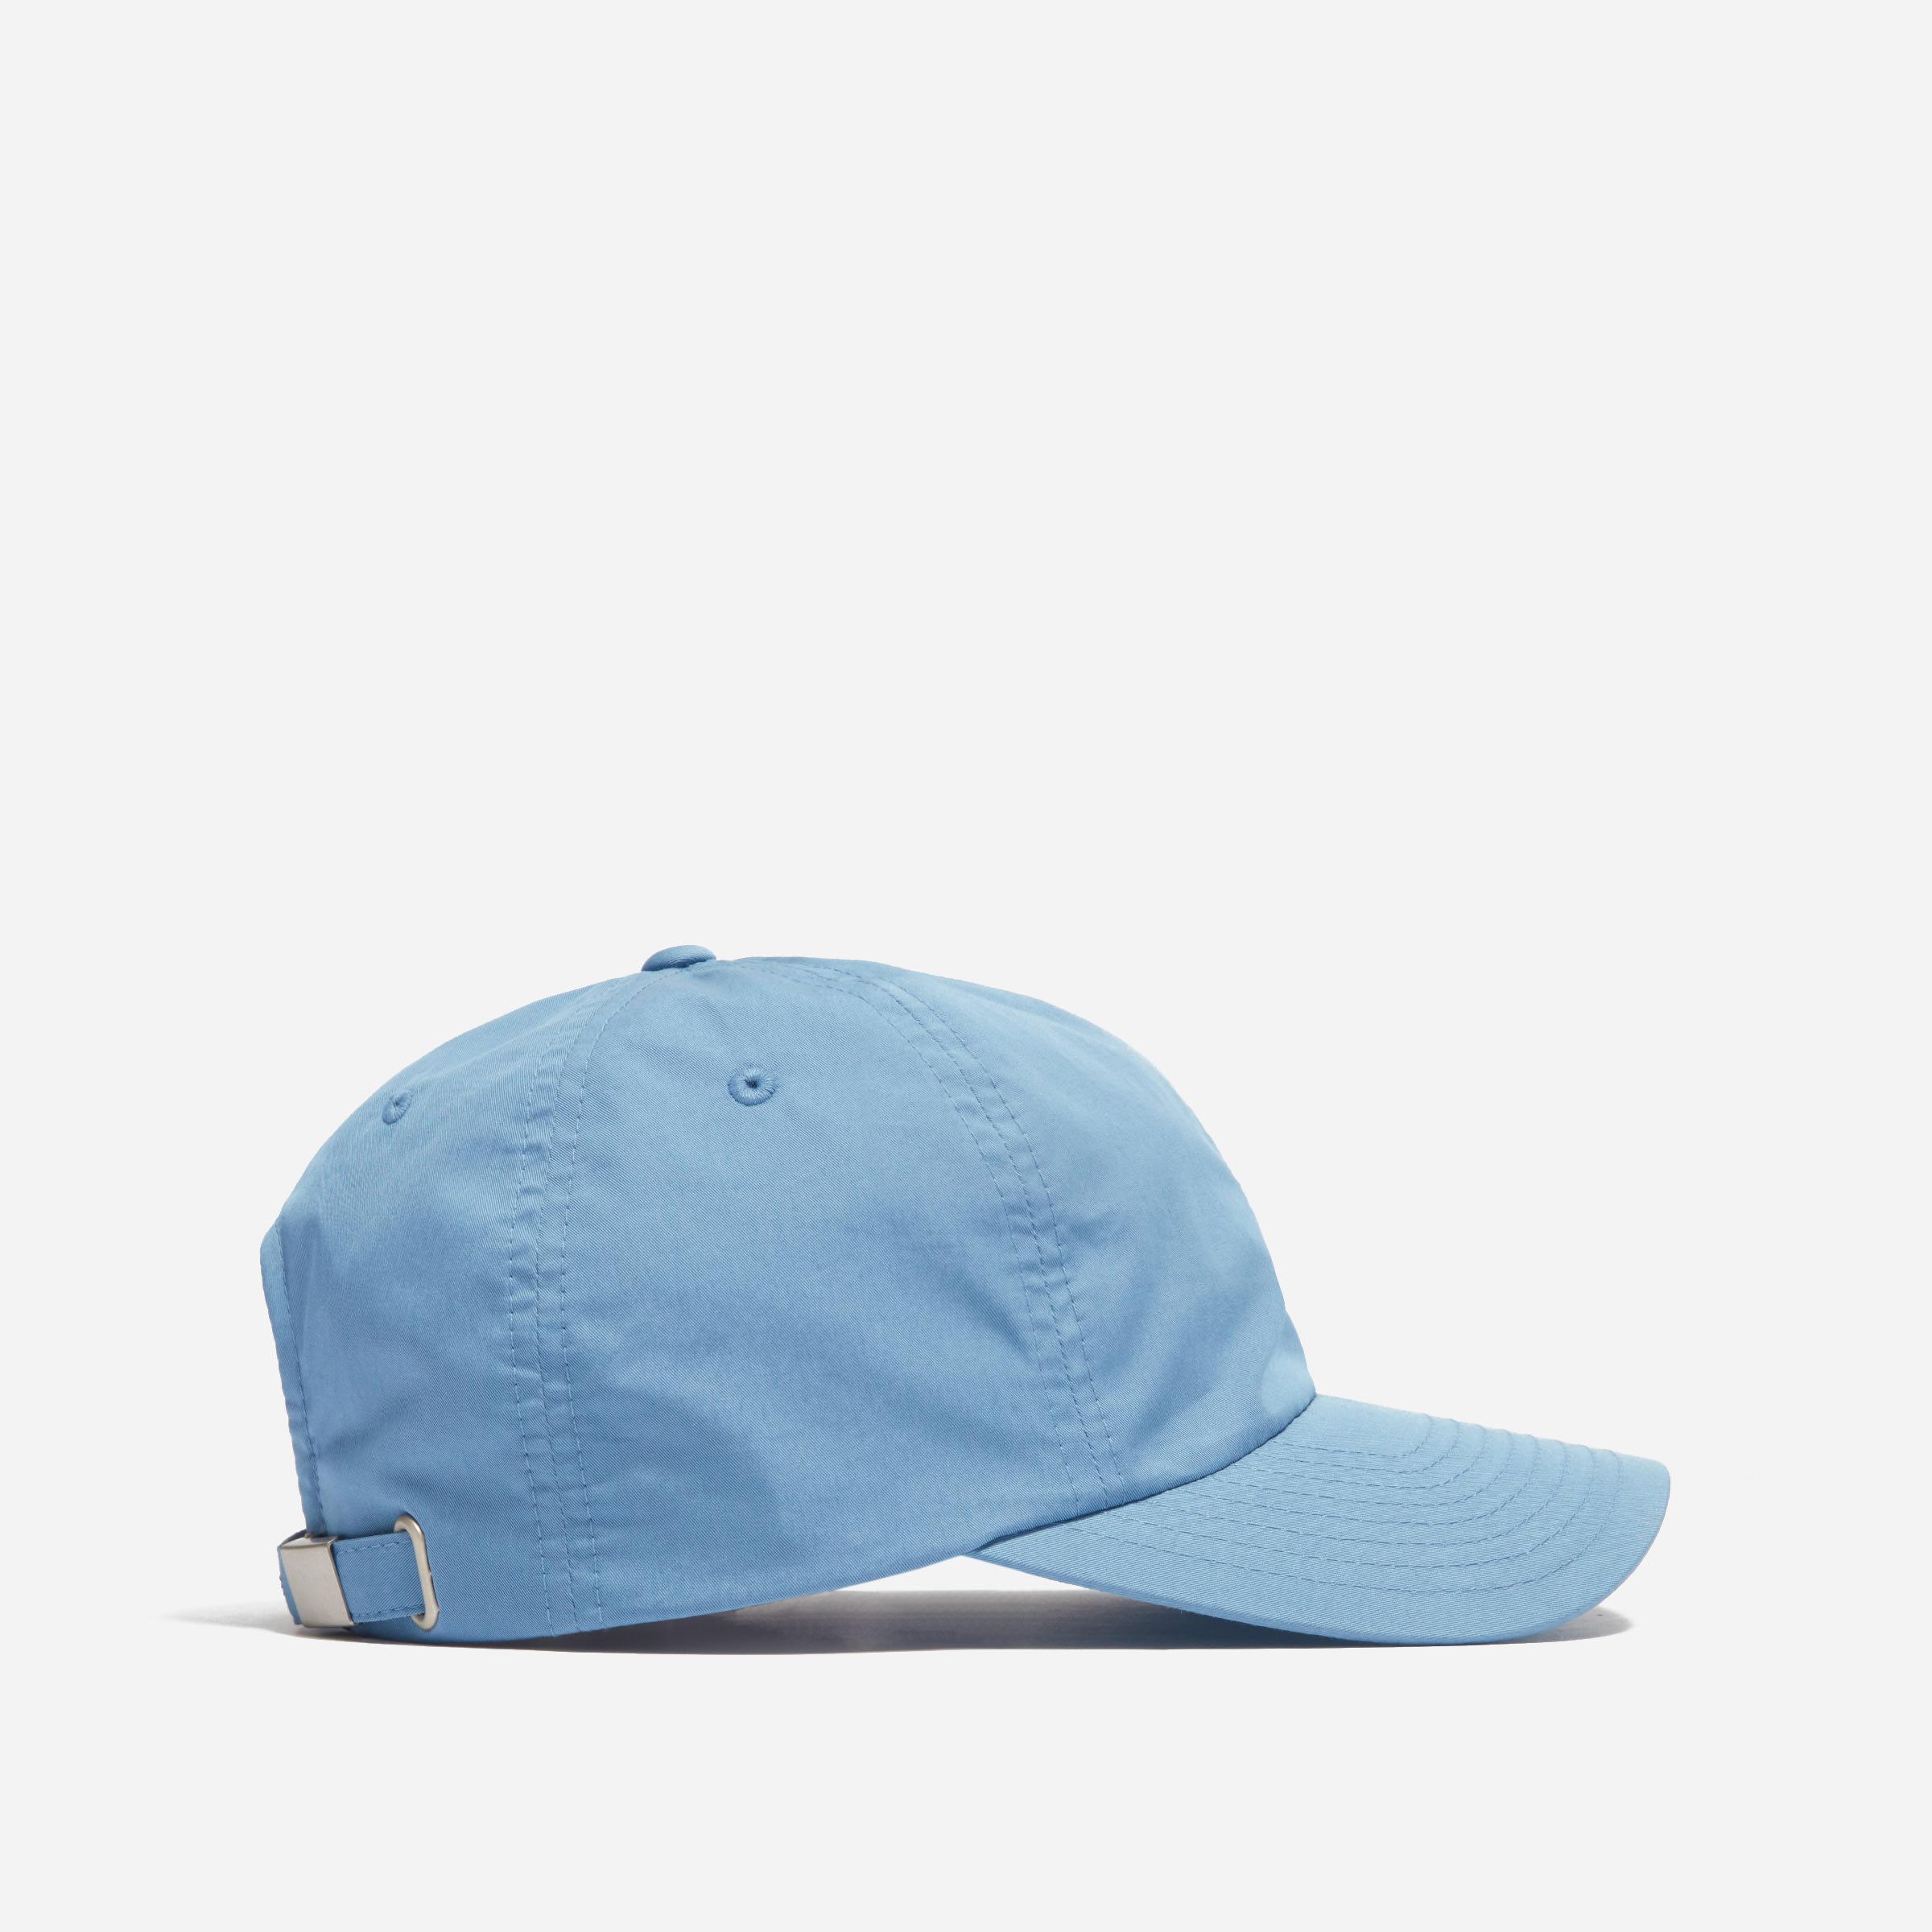 The Baseball Cap ced17ba1f5a